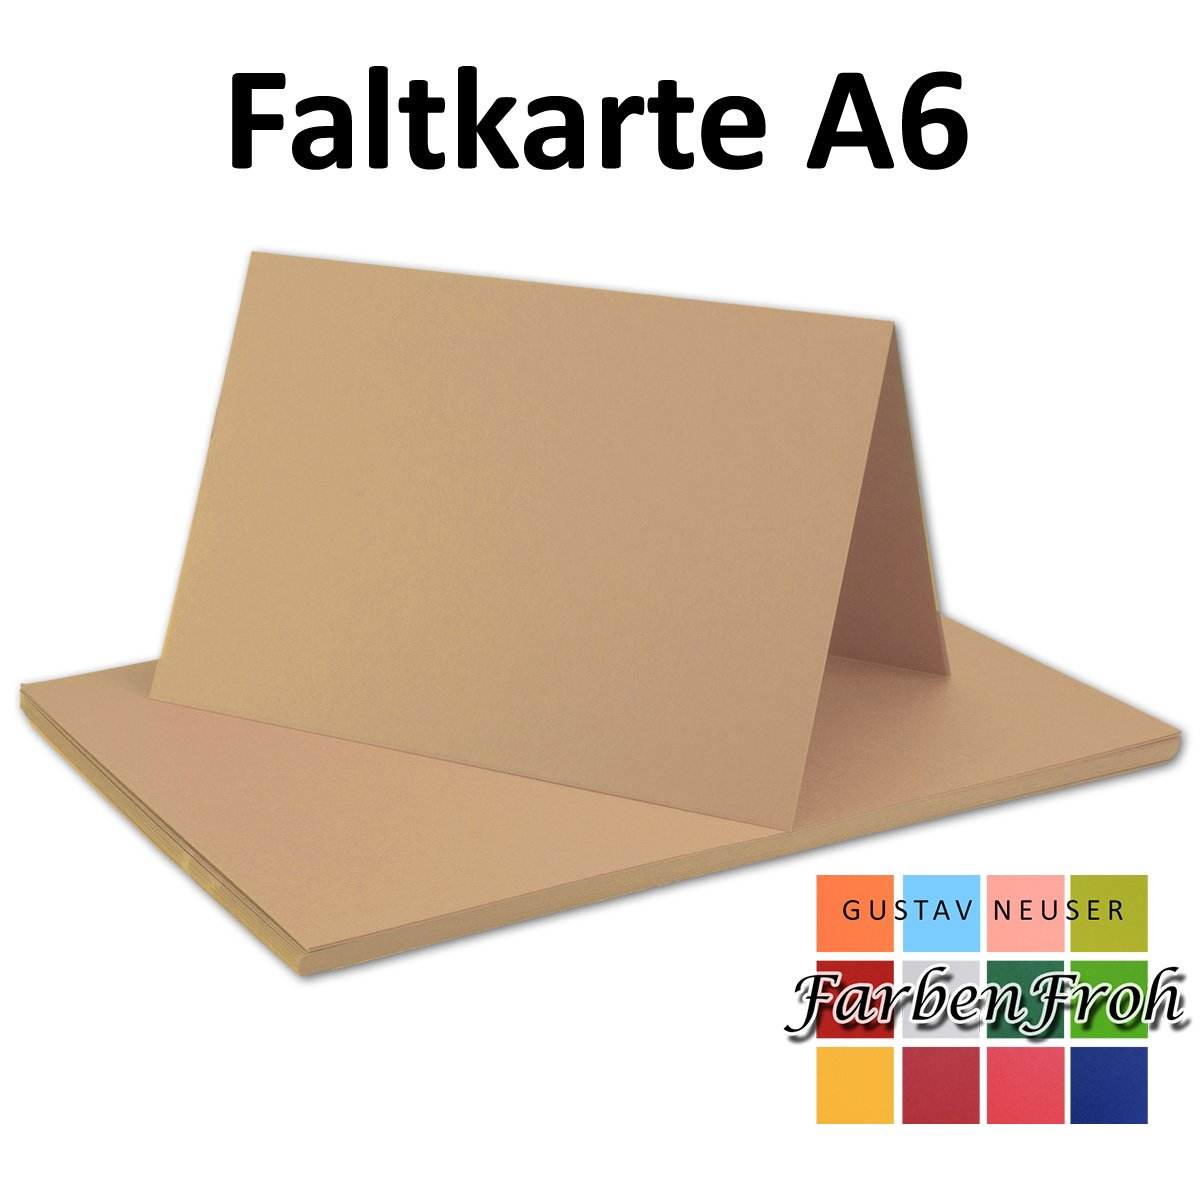 150x Falt-Karten DIN A6 Blanko Doppel-Karten in in in Vanille -10,5 x 14,8 cm   Premium Qualität   FarbenFroh® B078W4JD2K | Auktion  4221f5